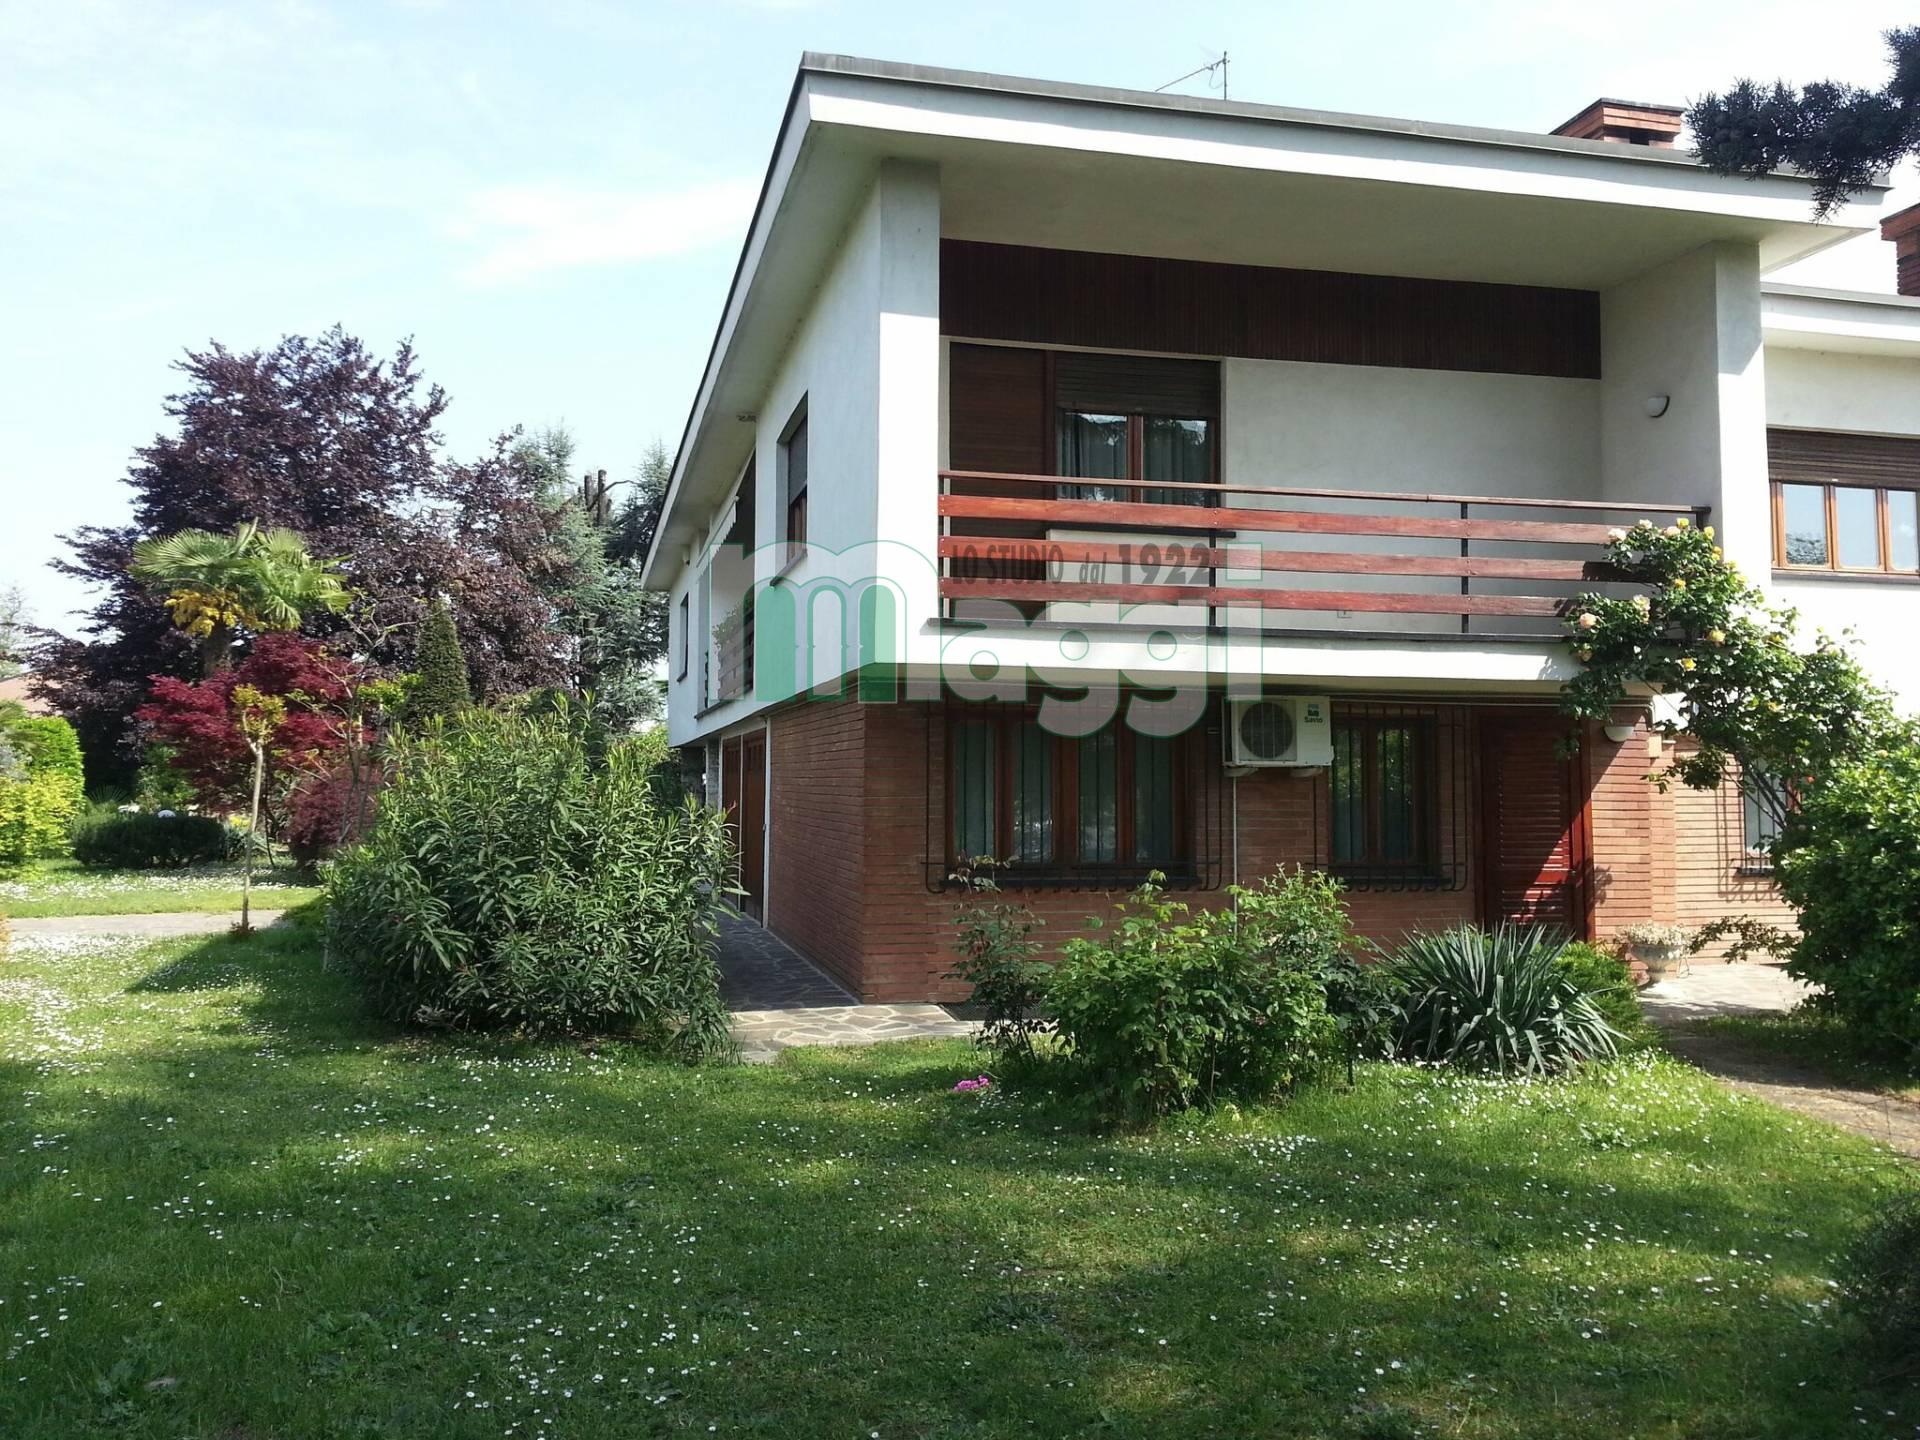 Villa in Vendita a Capriate San Gervasio: 5 locali, 300 mq